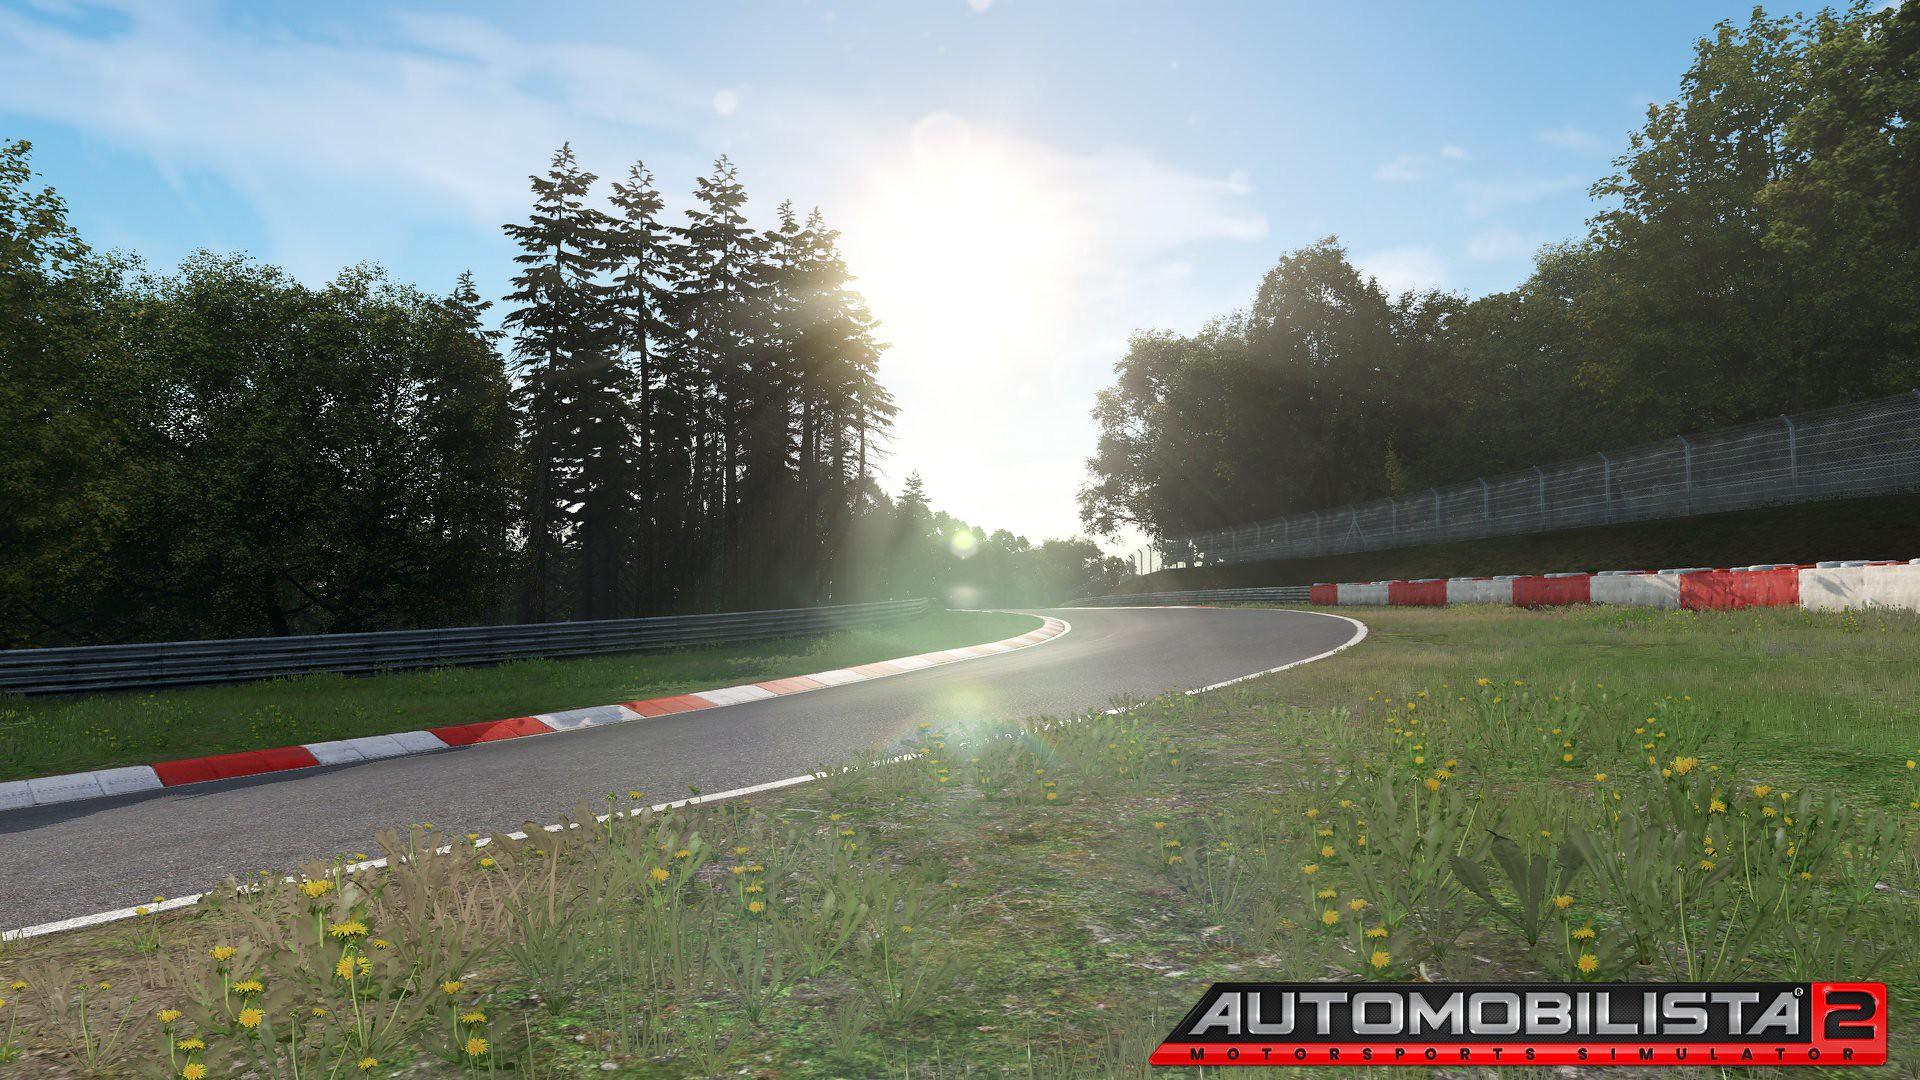 AMS 2 Nurburgring DLC 3